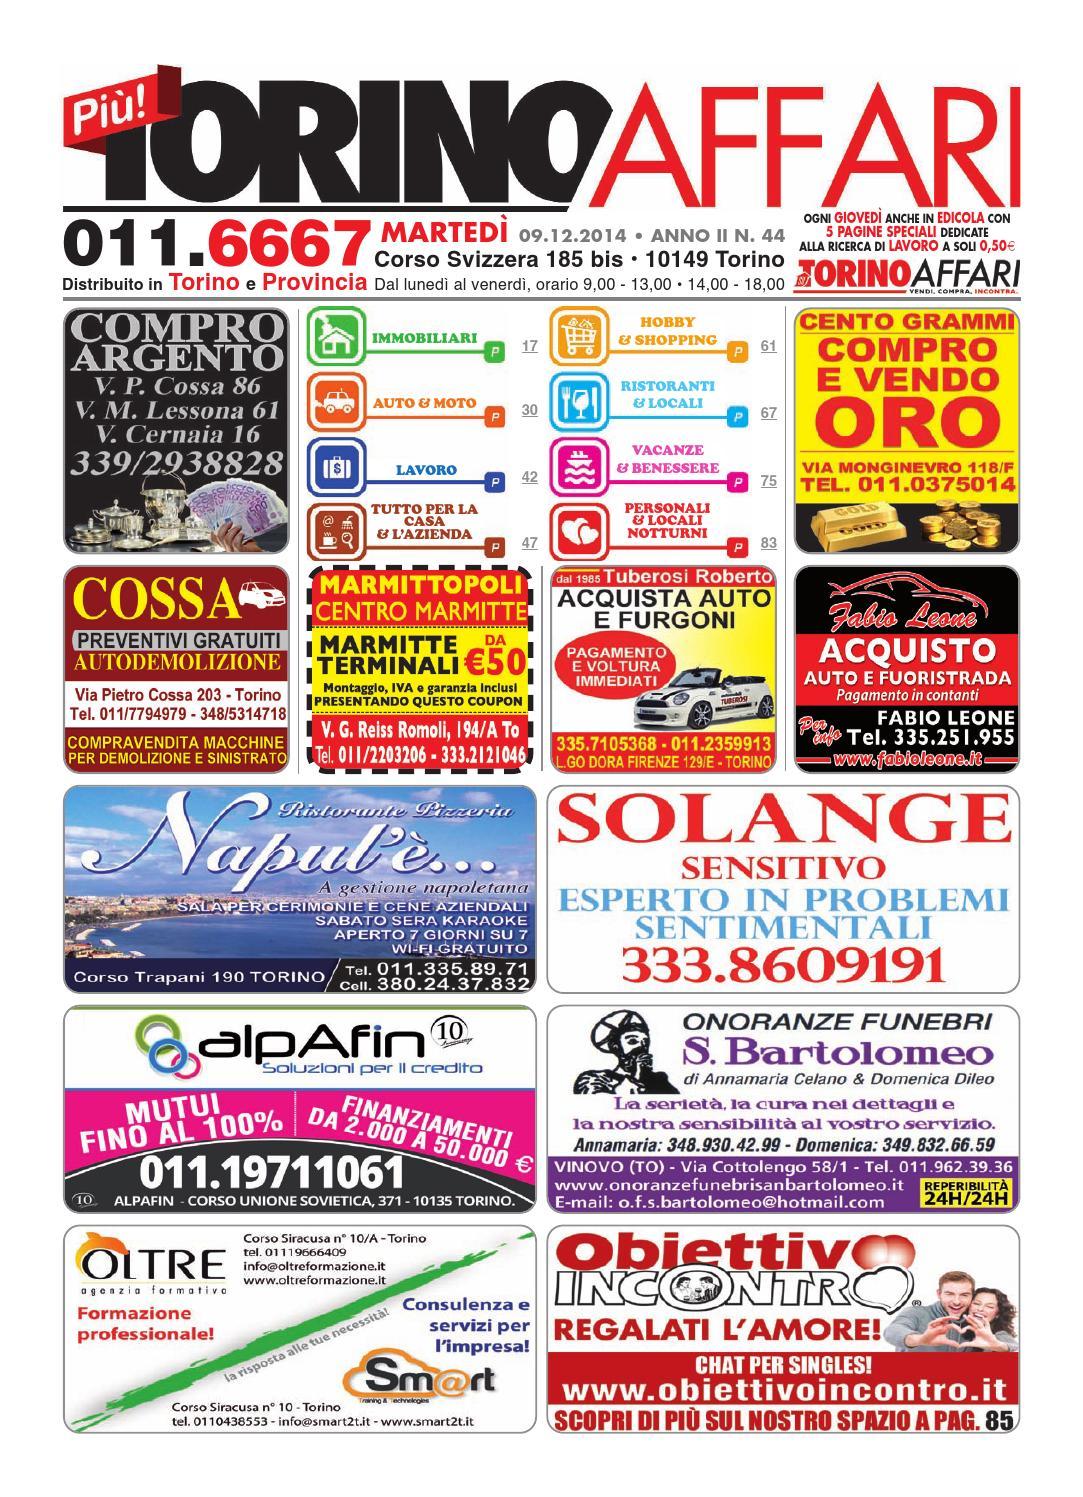 Più Torino Affari, ed fee 44 del 09 12 2014 by Torino Affari